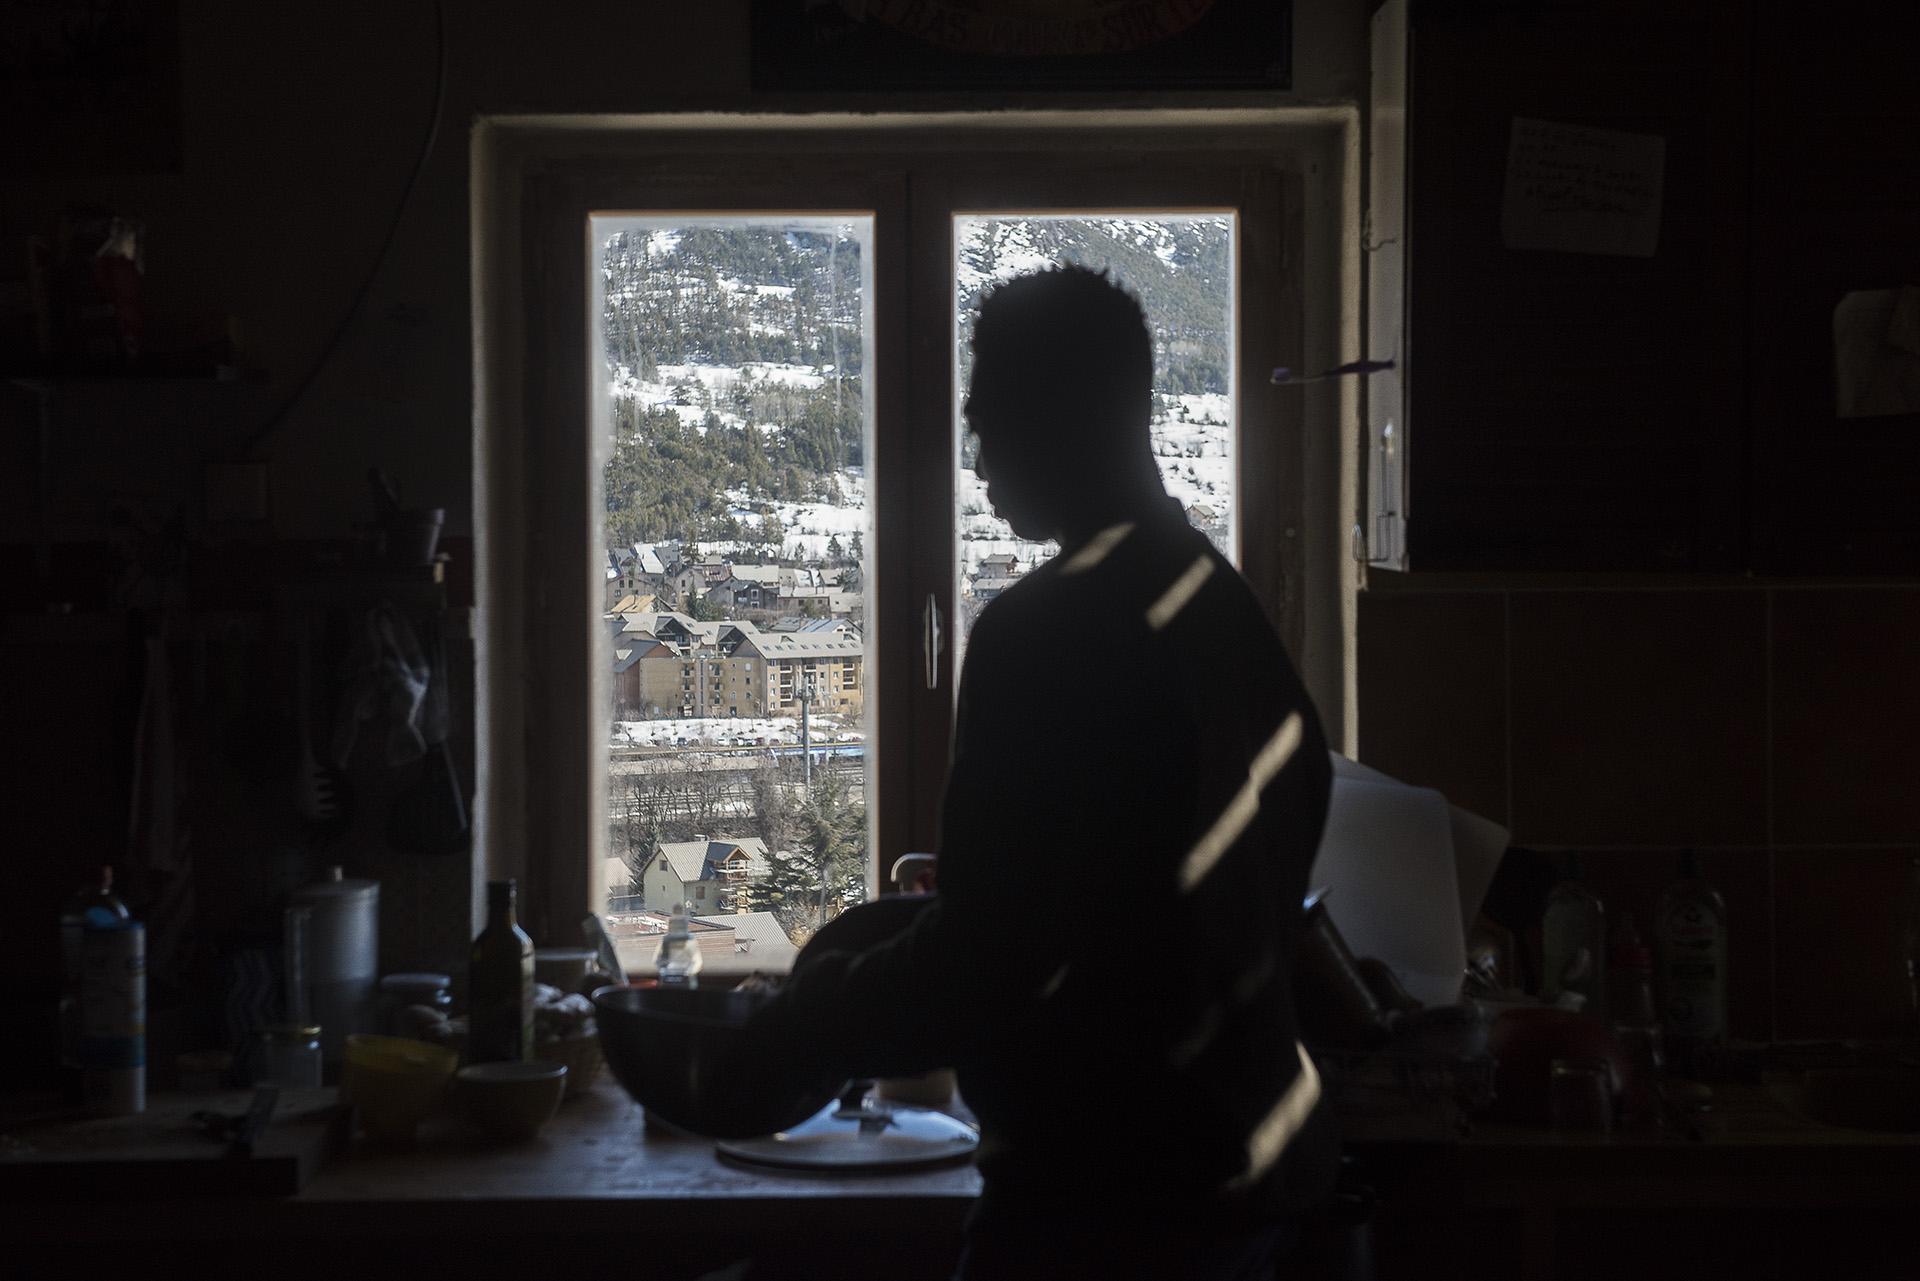 «Ici, quand ils ne savent pas où aller,  les migrants ont le temps de se poser pour réfléchir» explique Sébastien, un des occupants de Chez Marcel, qui fonctionne comme une «grosse coloc autogérée»  où «chacun peut trouver à s'exprimer d'une façon ou d'une autre».  Grâce à des dons et des matériaux de récupération, des dizaines de volontaires ont transformé une maison vétuste où il n'y avait ni eau, ni électricité en un squat capable d'accueillir jusqu'à 20 personnes sur des durées plus longues qu'au refuge.